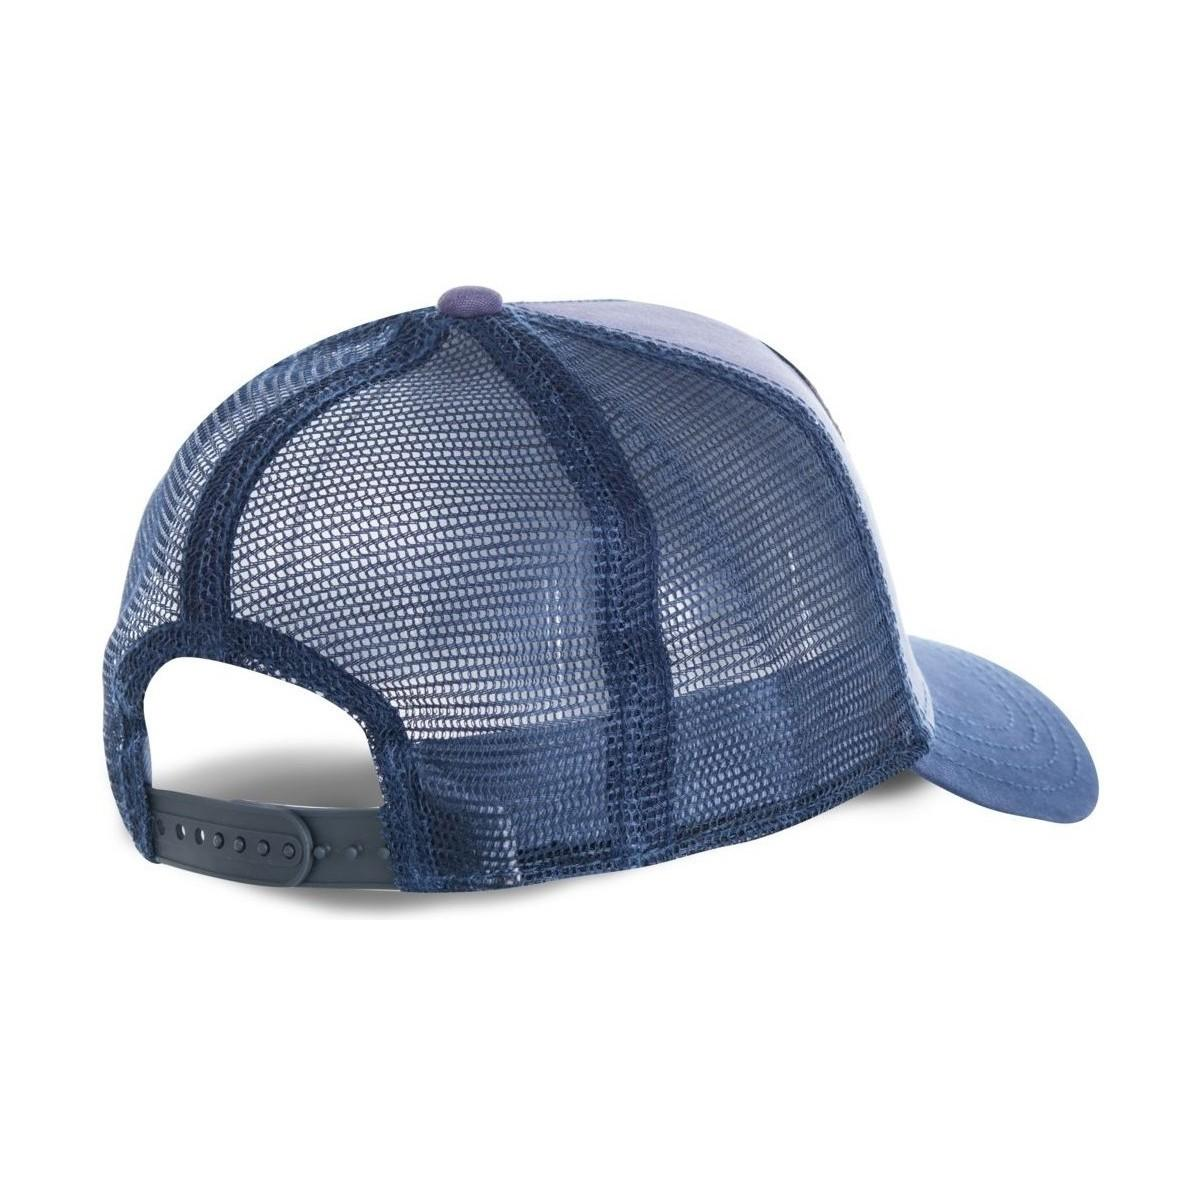 Casquette Baseball WiseAss Bleu Goorin Bros